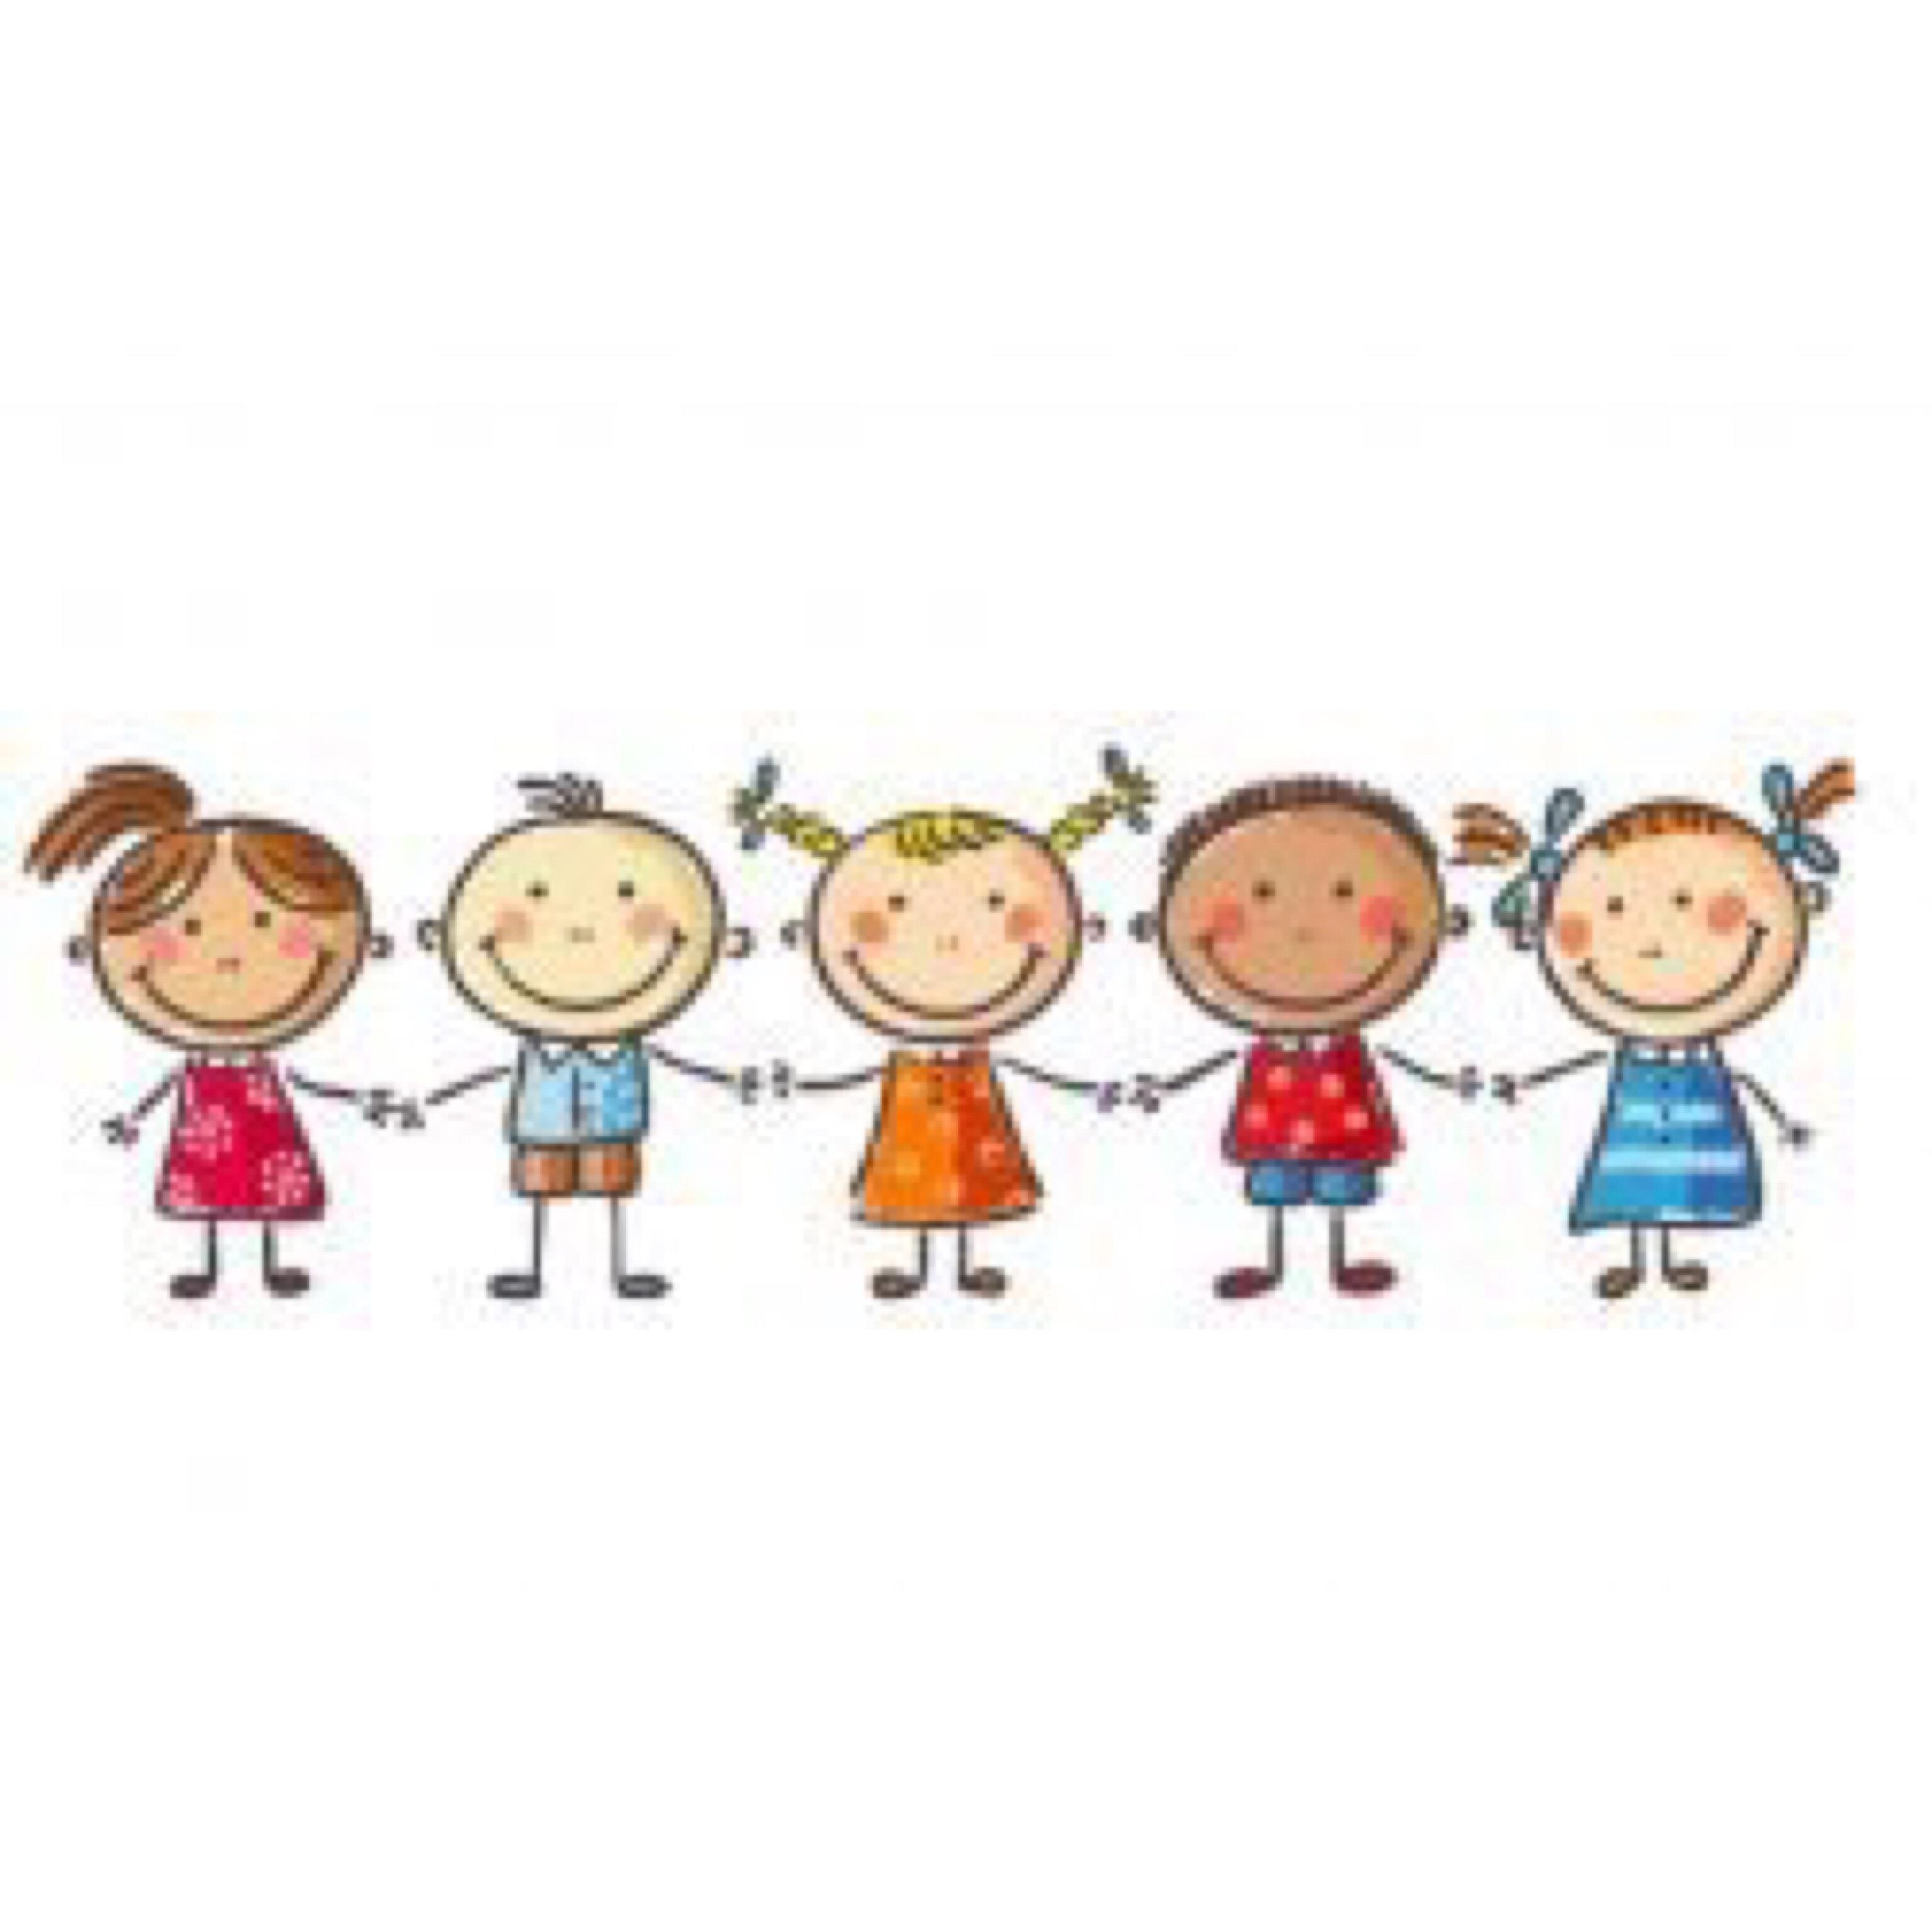 Bebekler-poiki: yeni başlayanlar için bir ustalık sınıfı